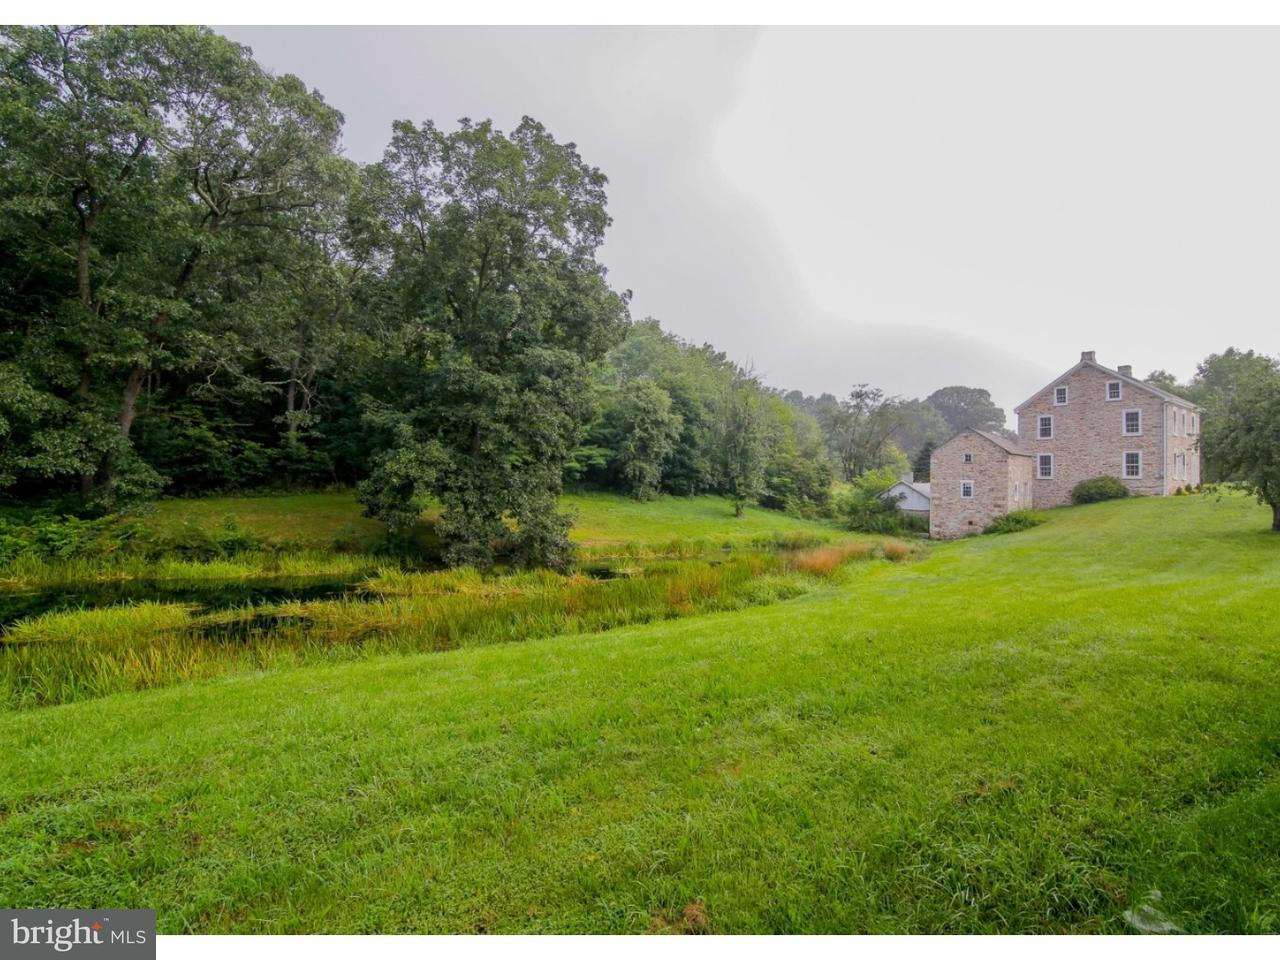 Maison unifamiliale pour l Vente à 8955 ASHFIELD Road Slatington, Pennsylvanie 18080 États-Unis